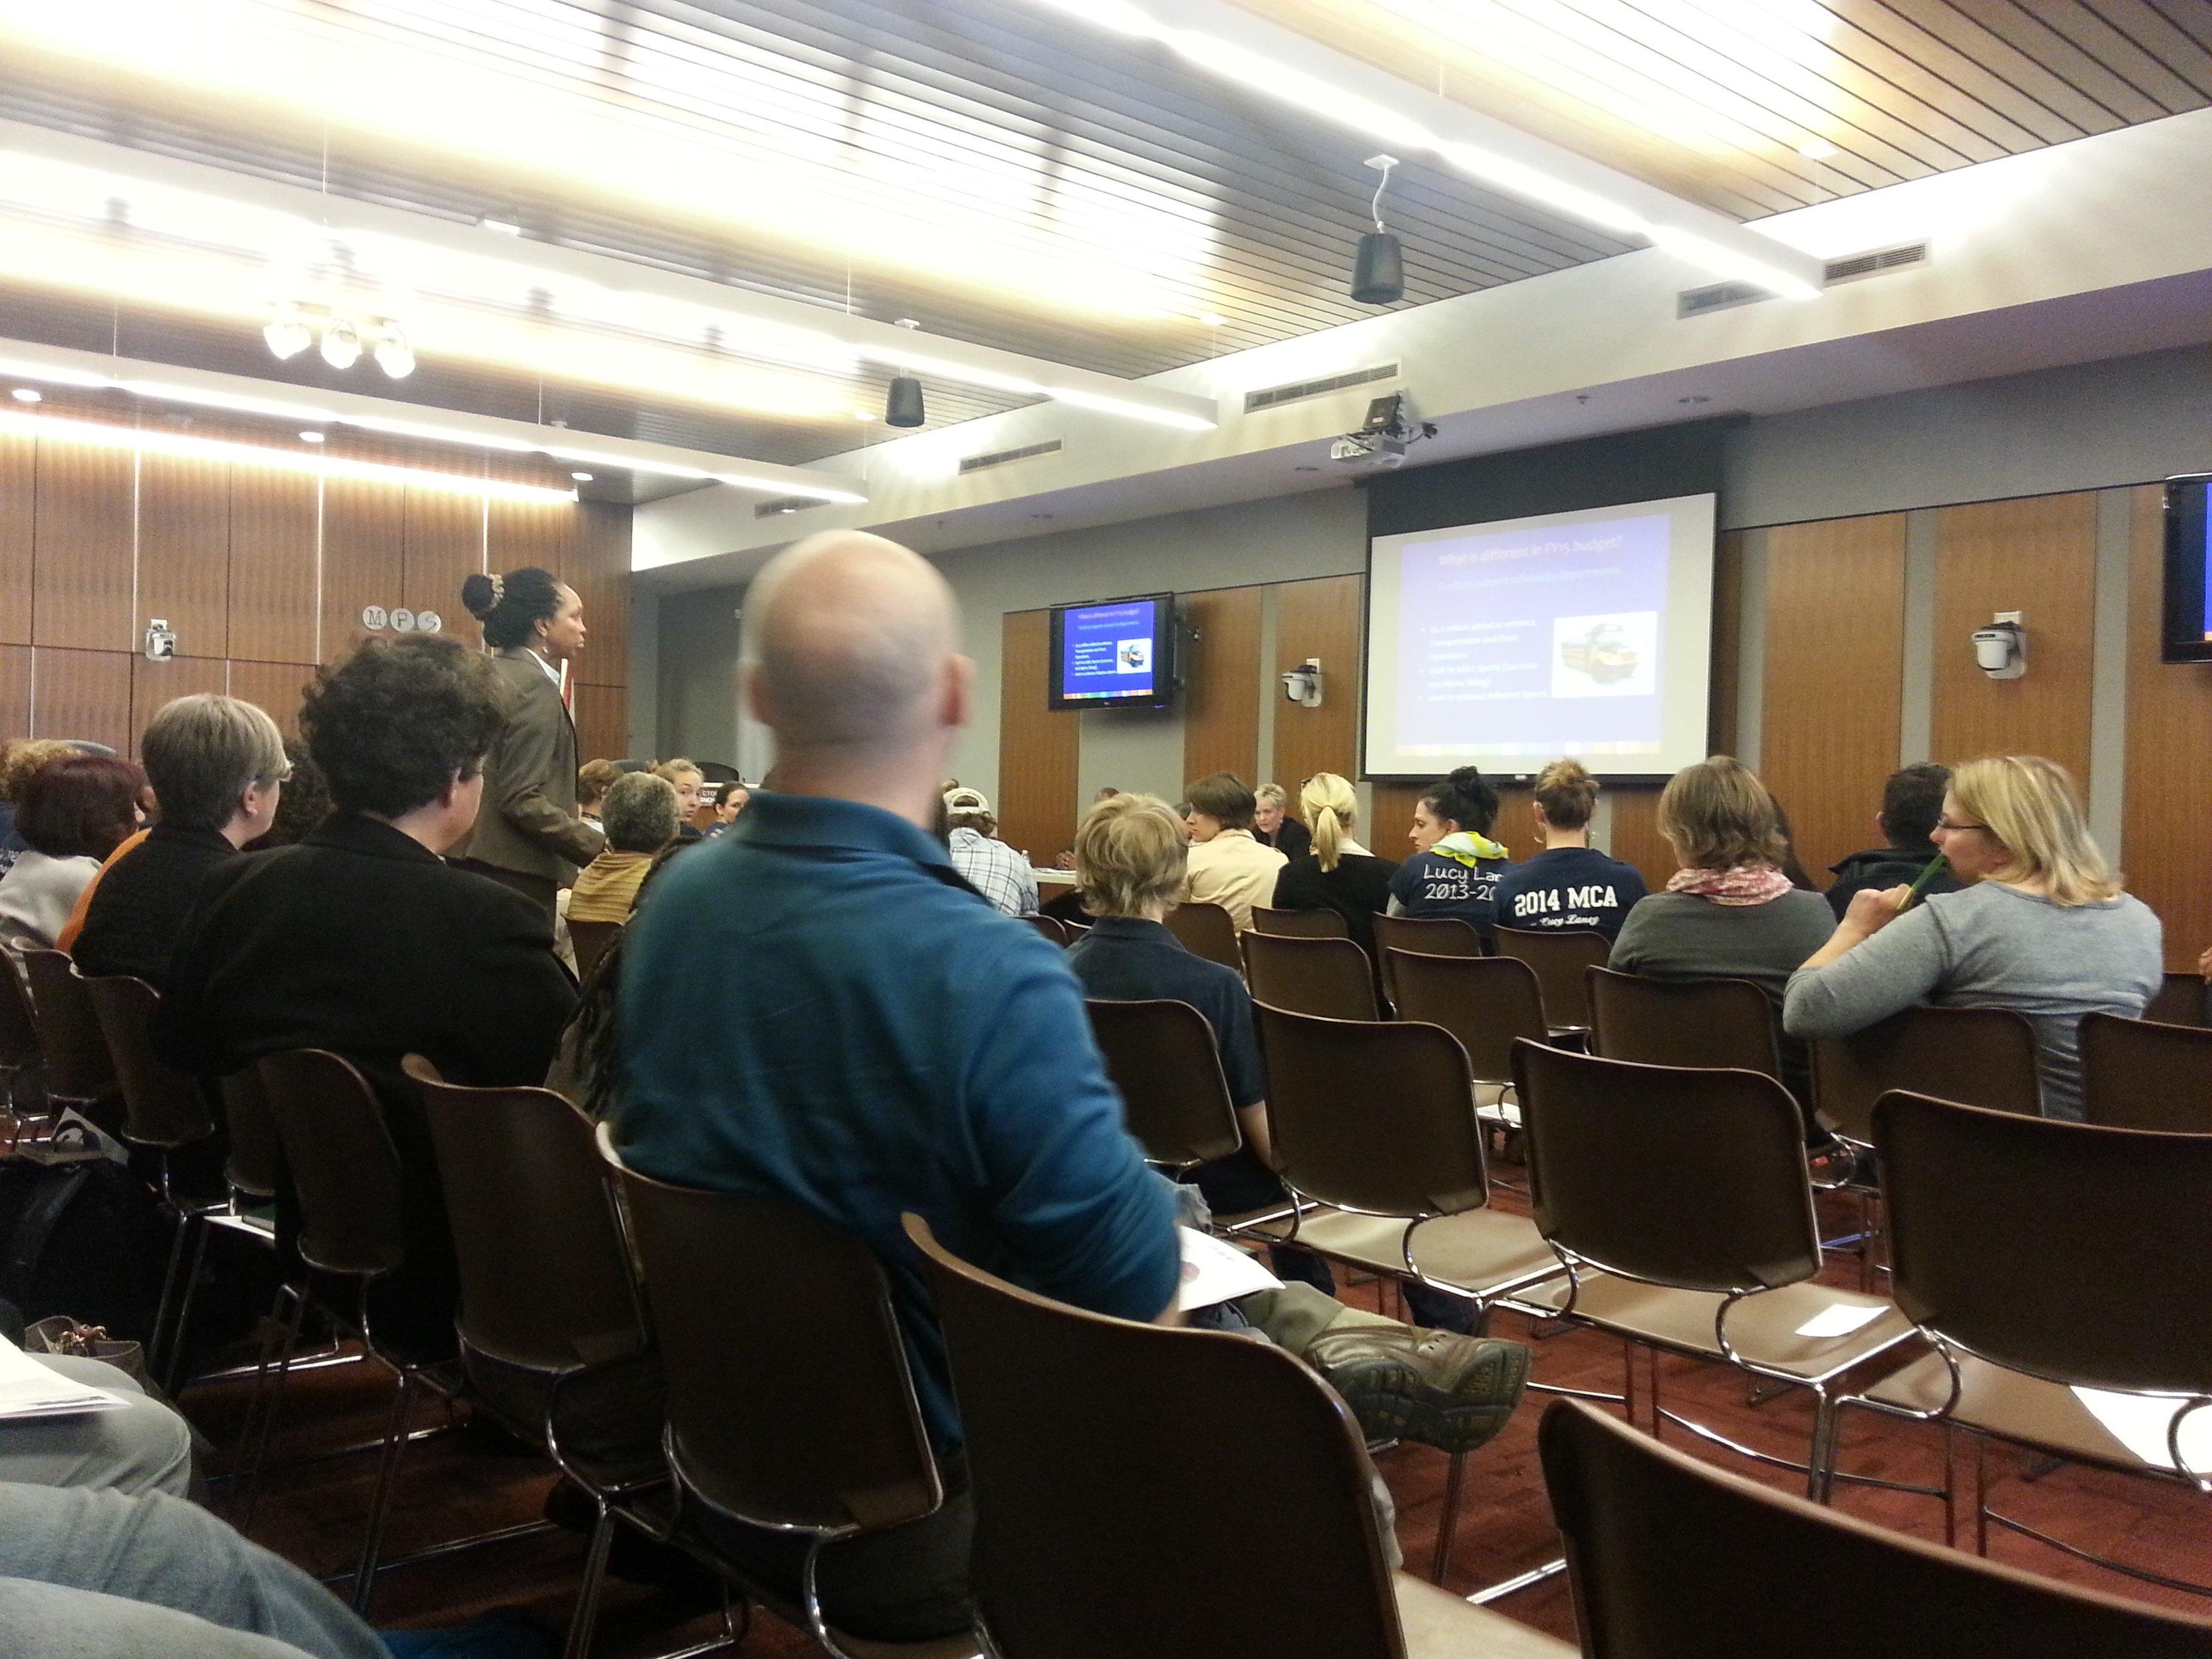 Minneapolis Public Schools community engagement session (Photo by Sarah Lahm)